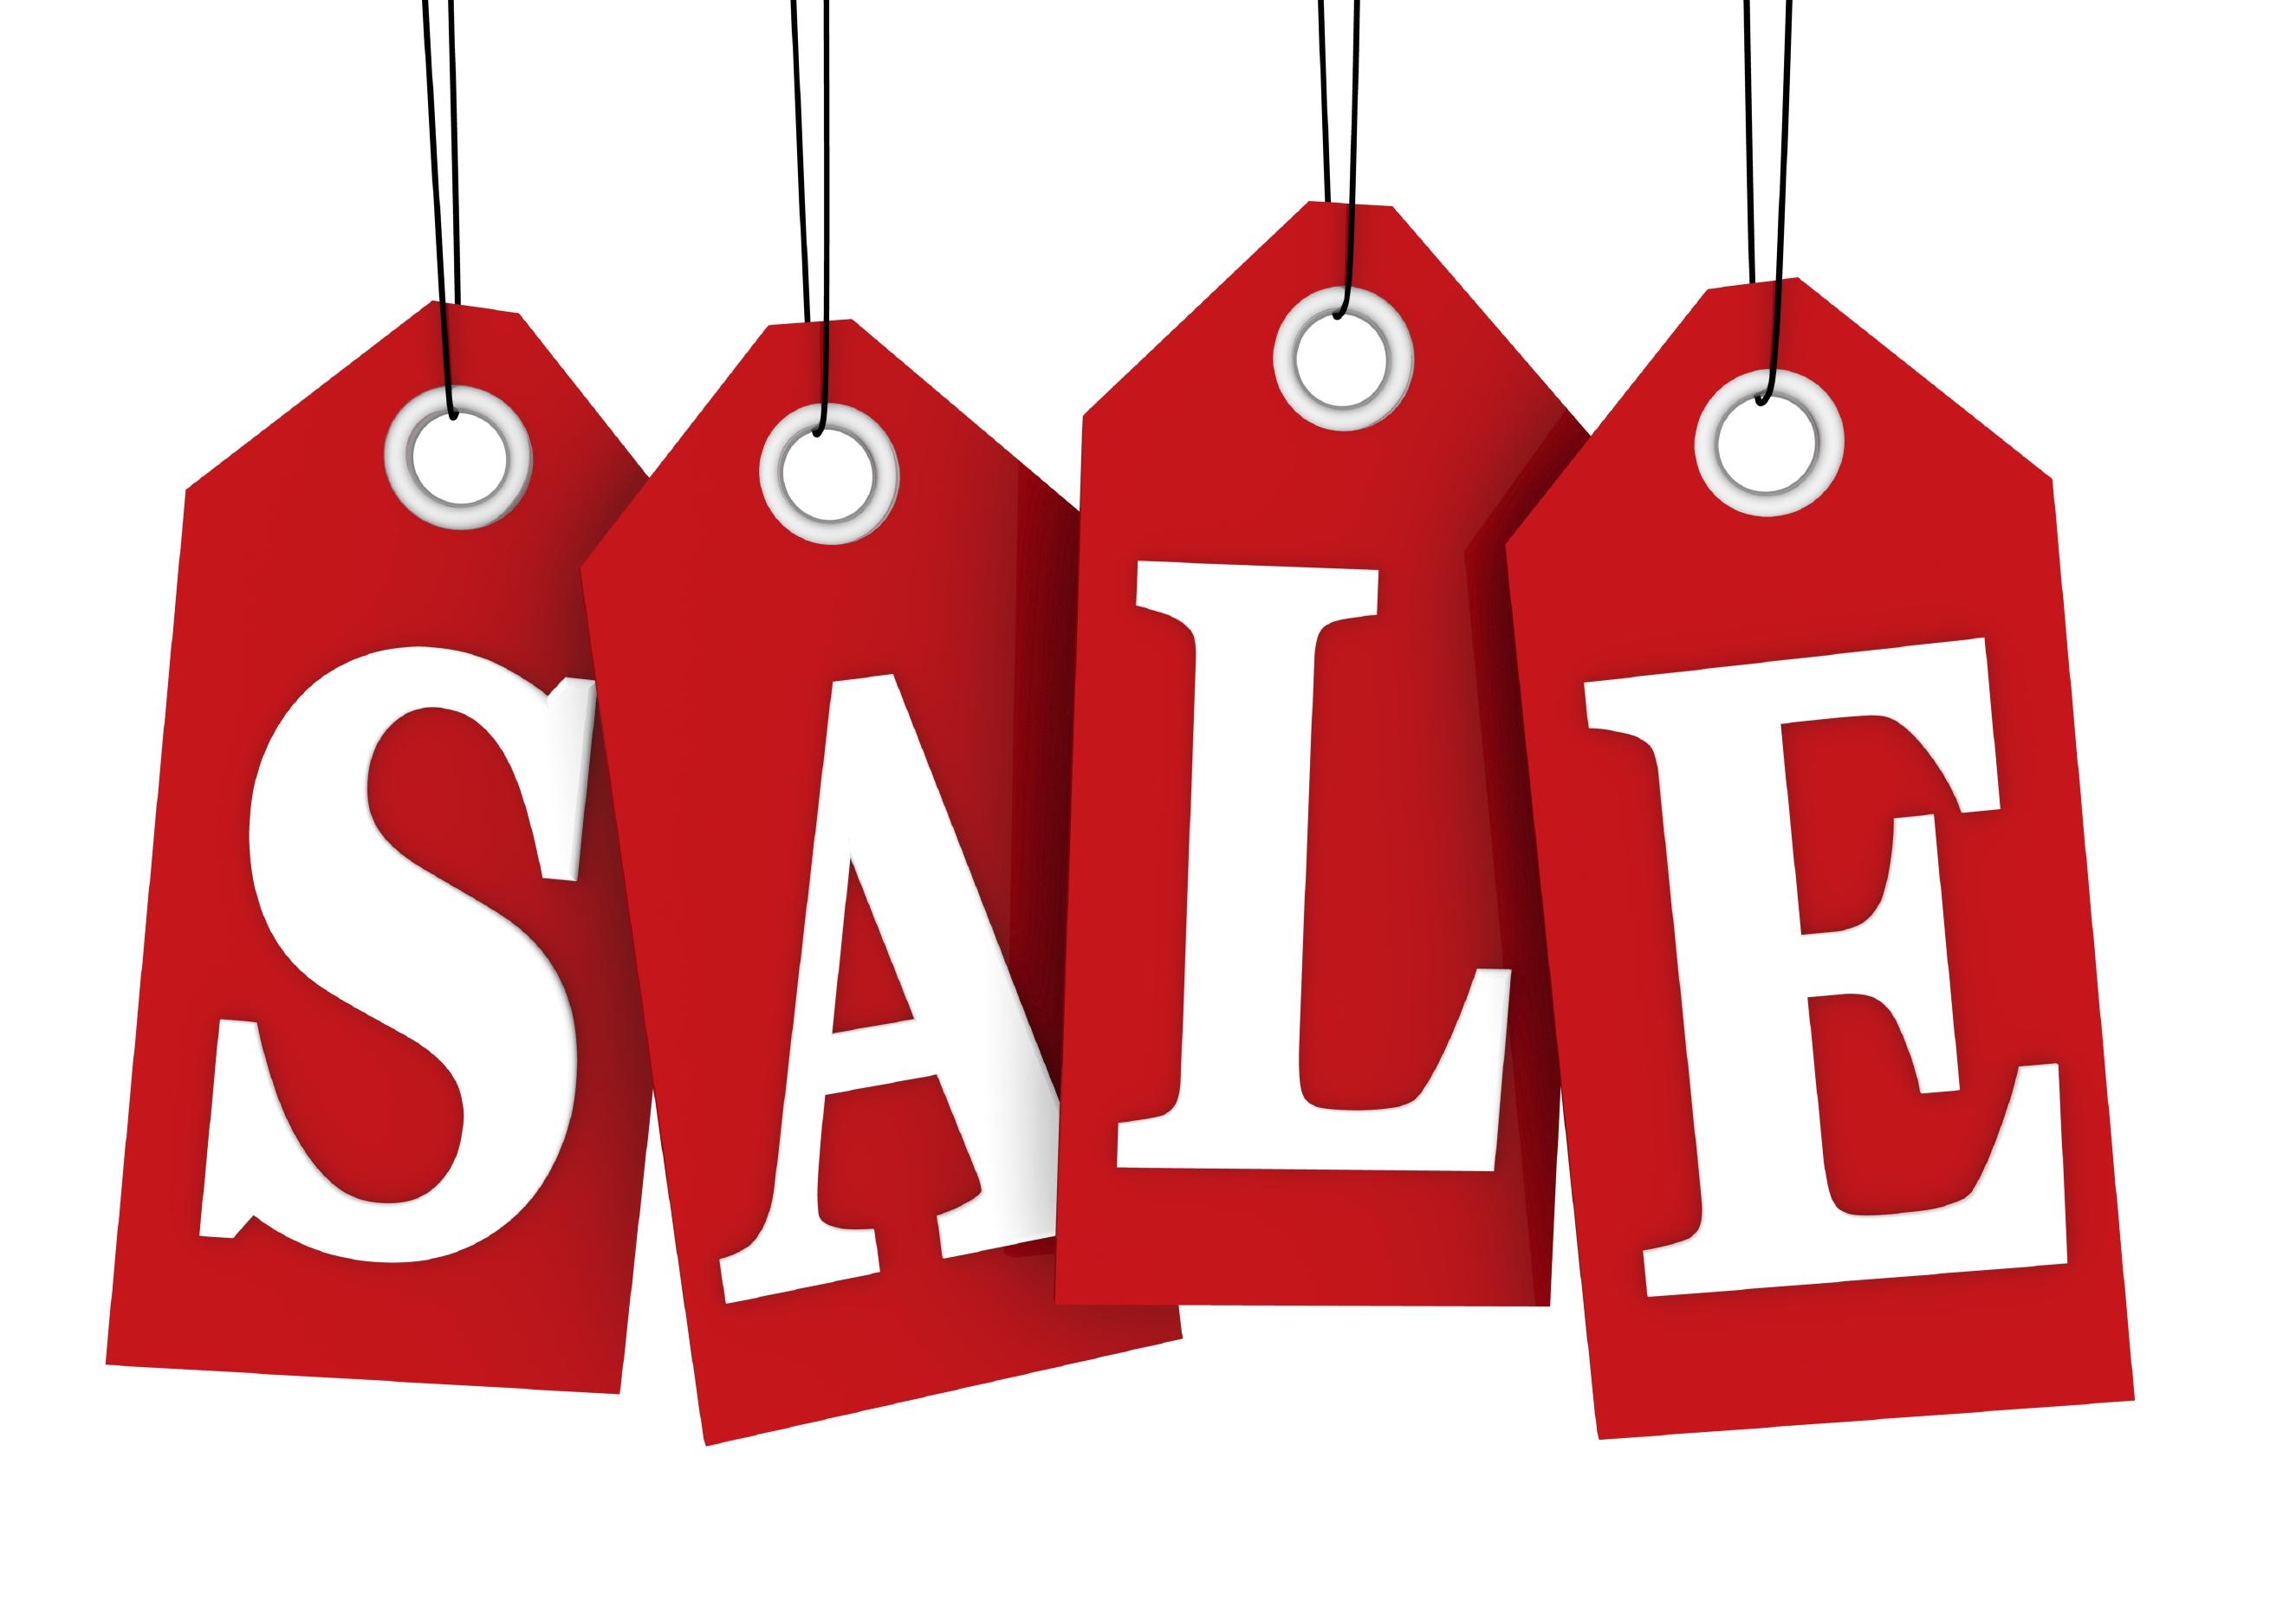 Yard Sale Shopping Clip Art.